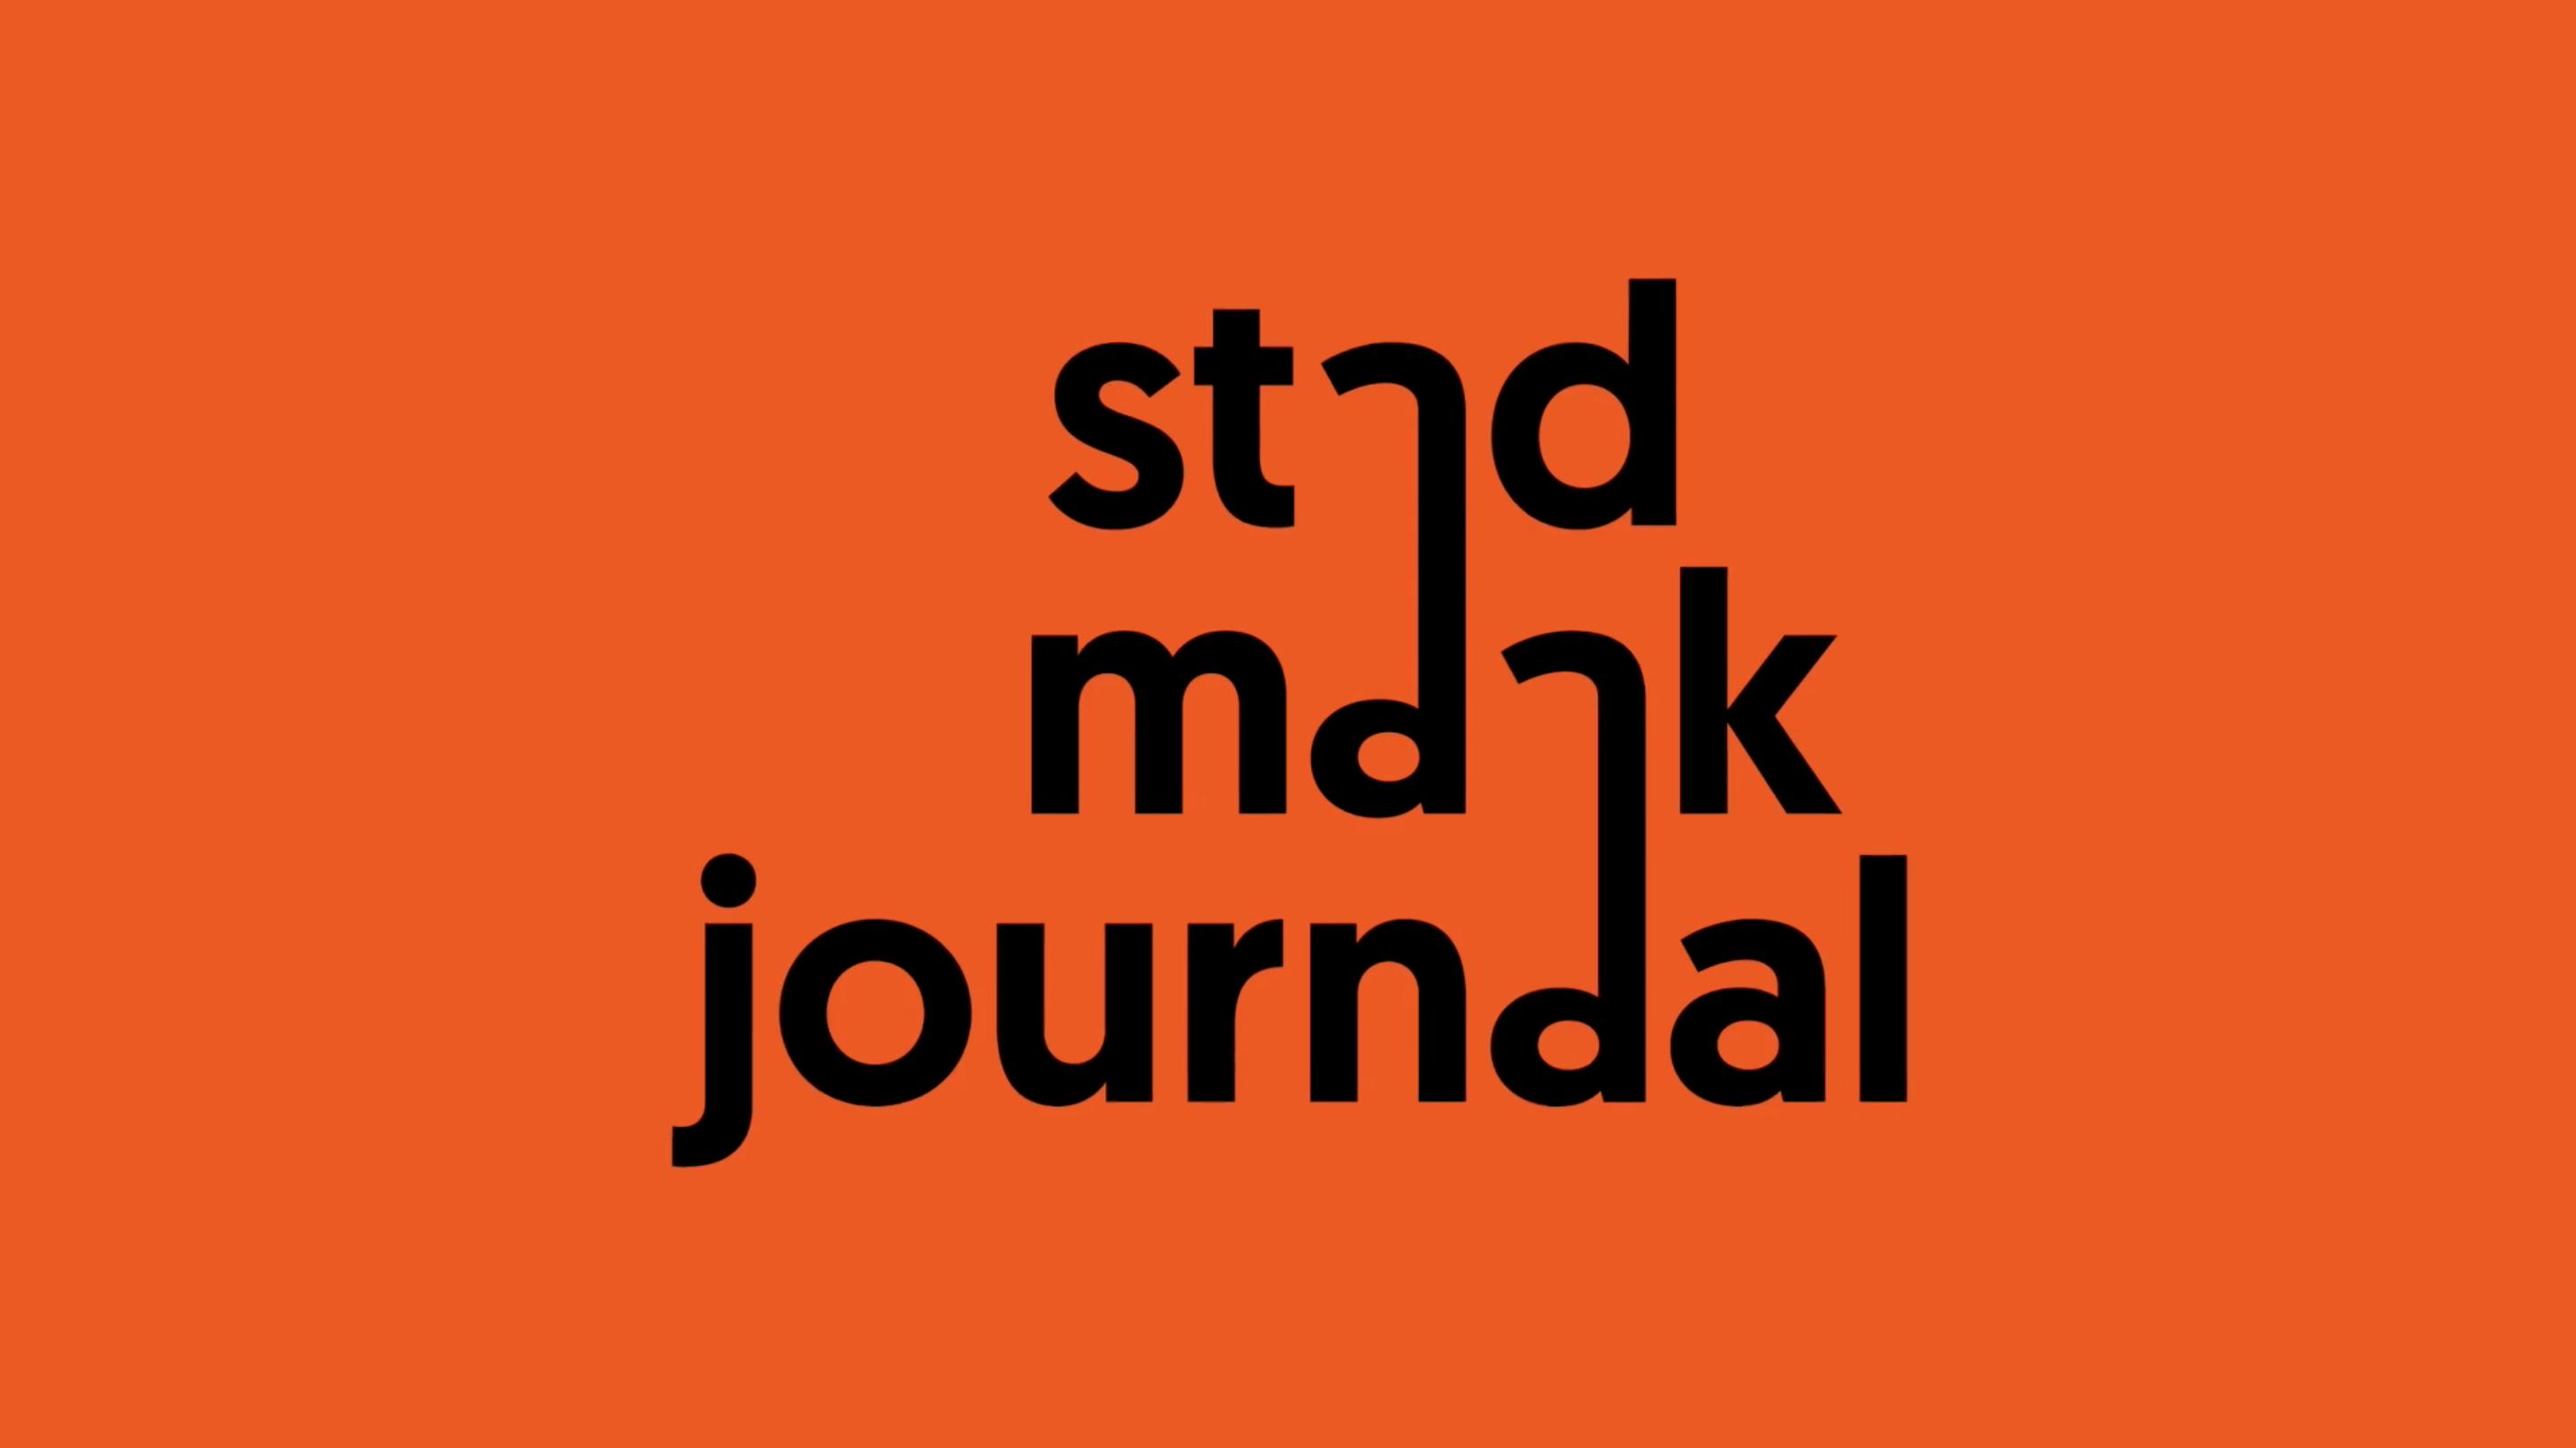 Kijk hier de online uitzending van het Stadmaakjournaal 2020